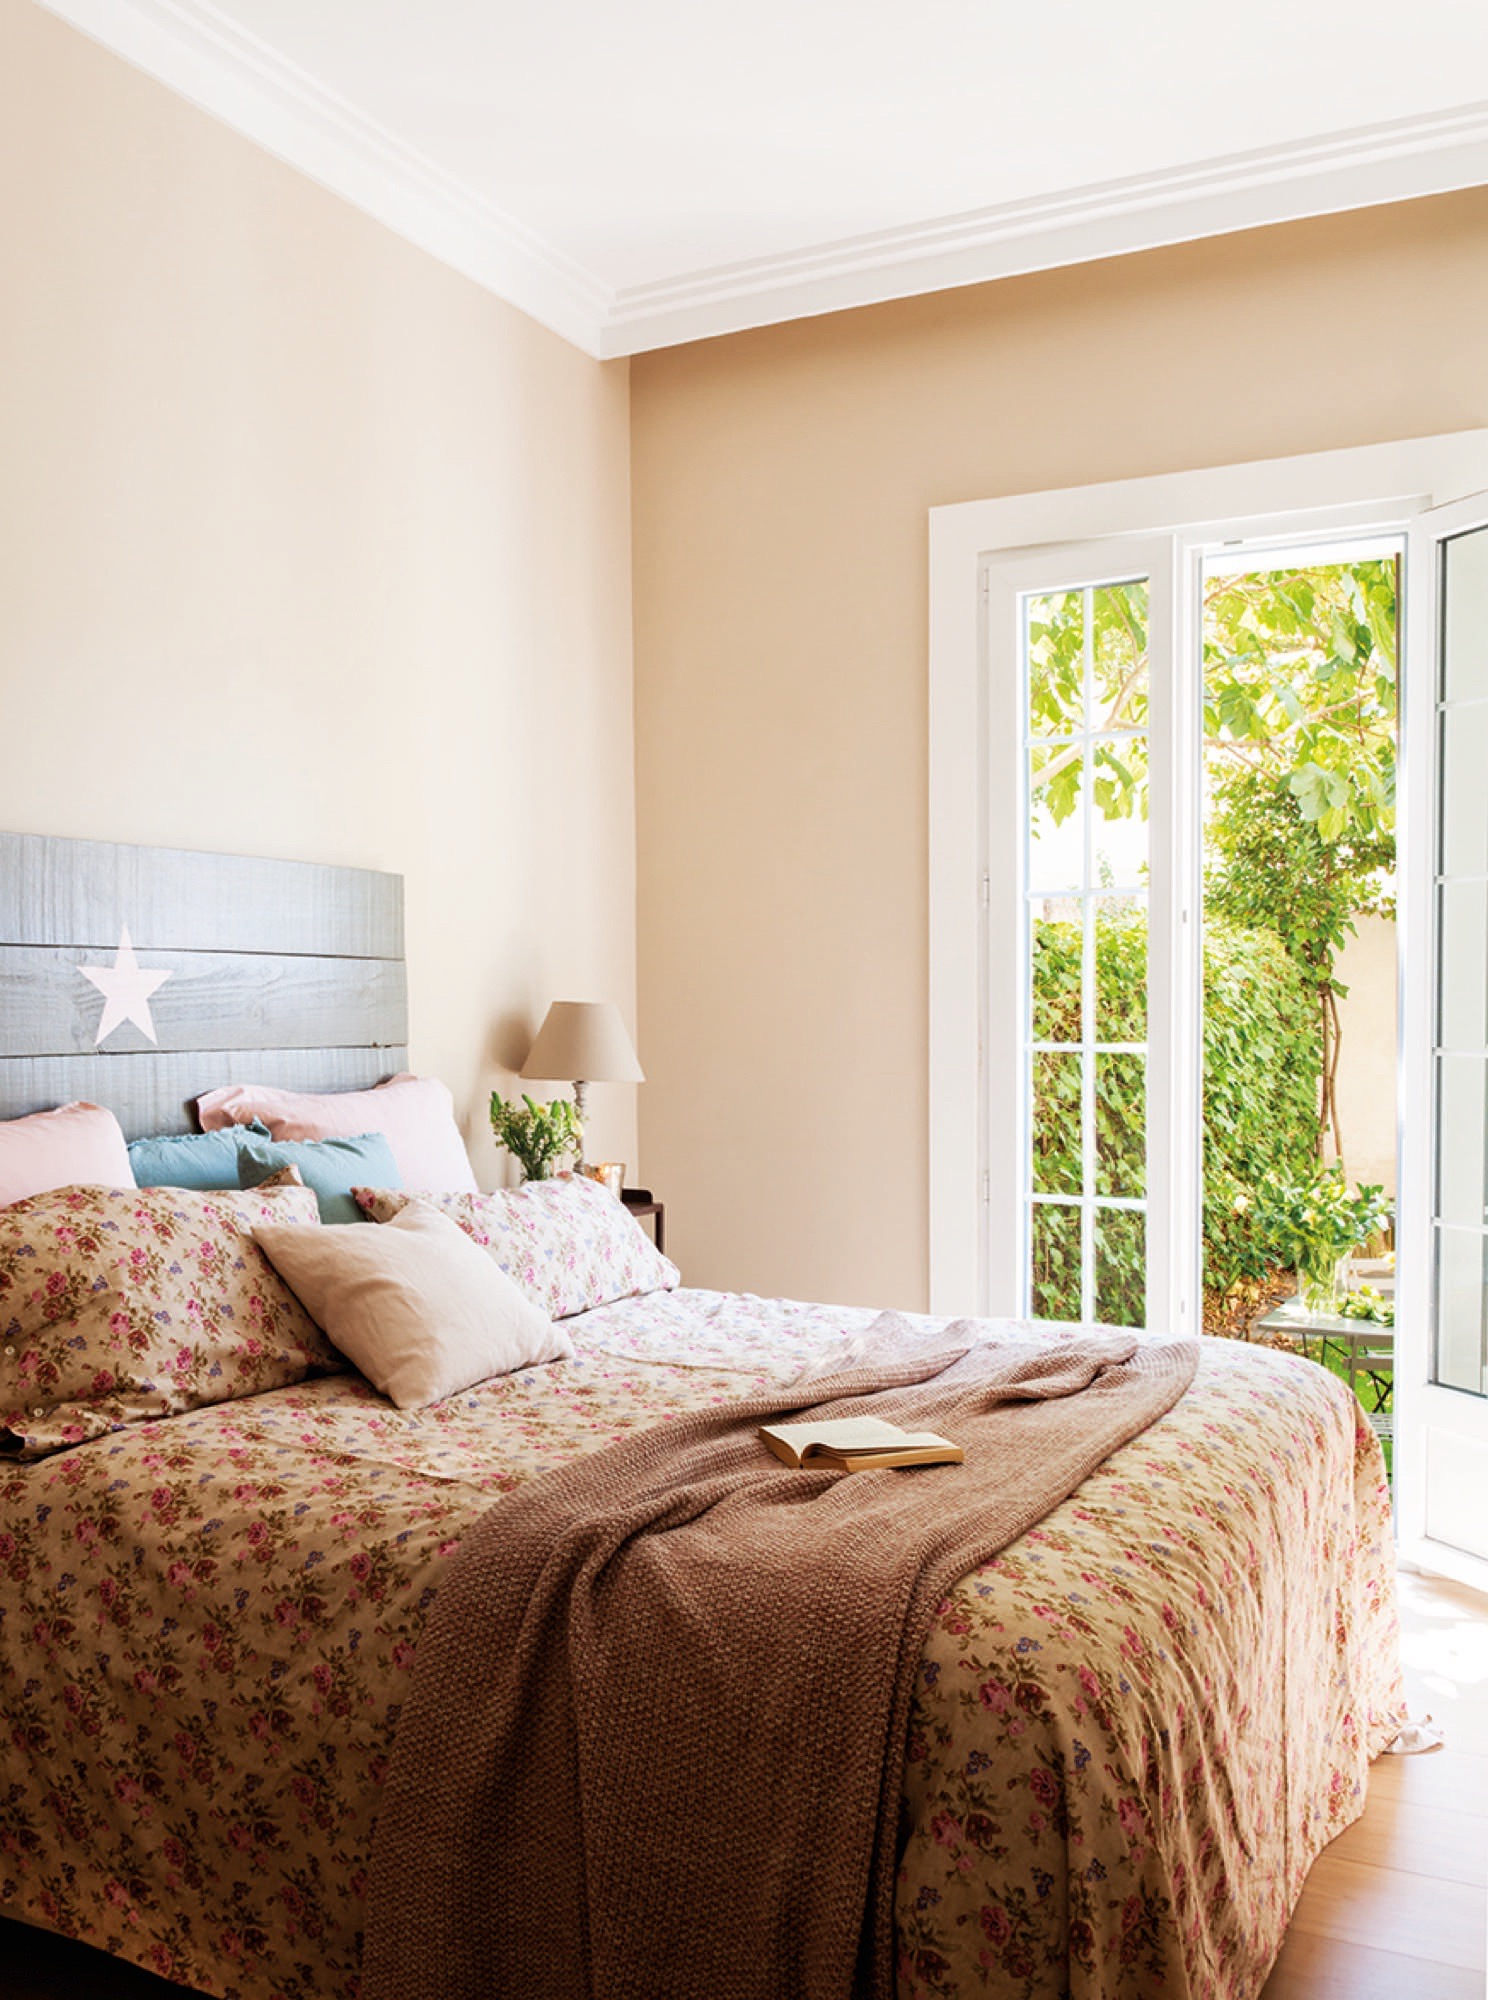 IMG 1172-1. Un dormitorio con jardín